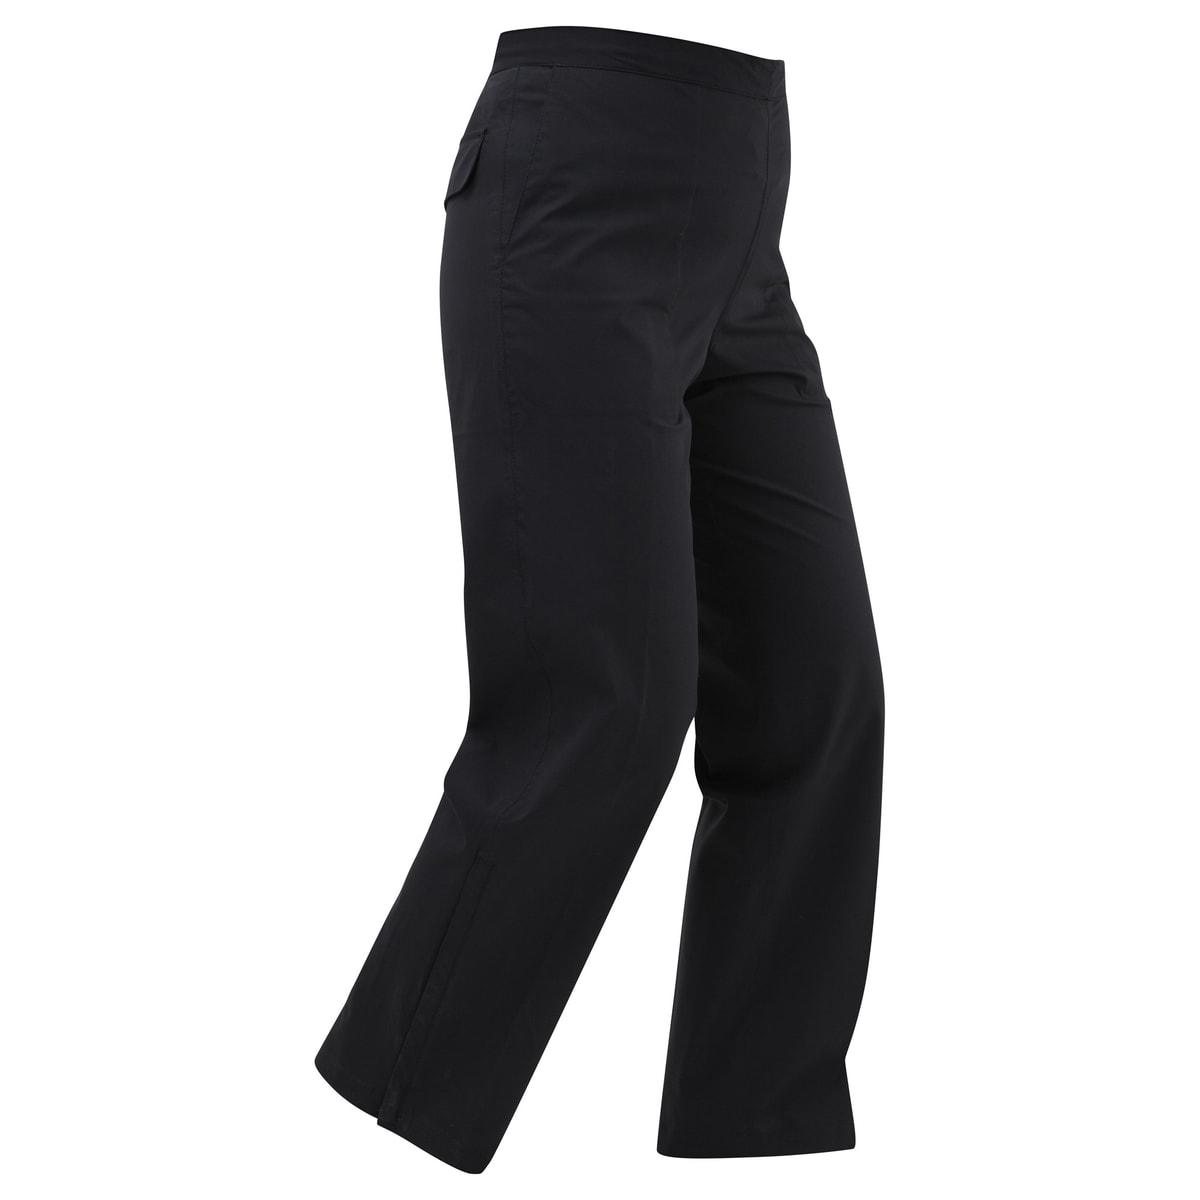 FJ HydroLite Rain Trousers Femmes-Modèle de l'année Précédente